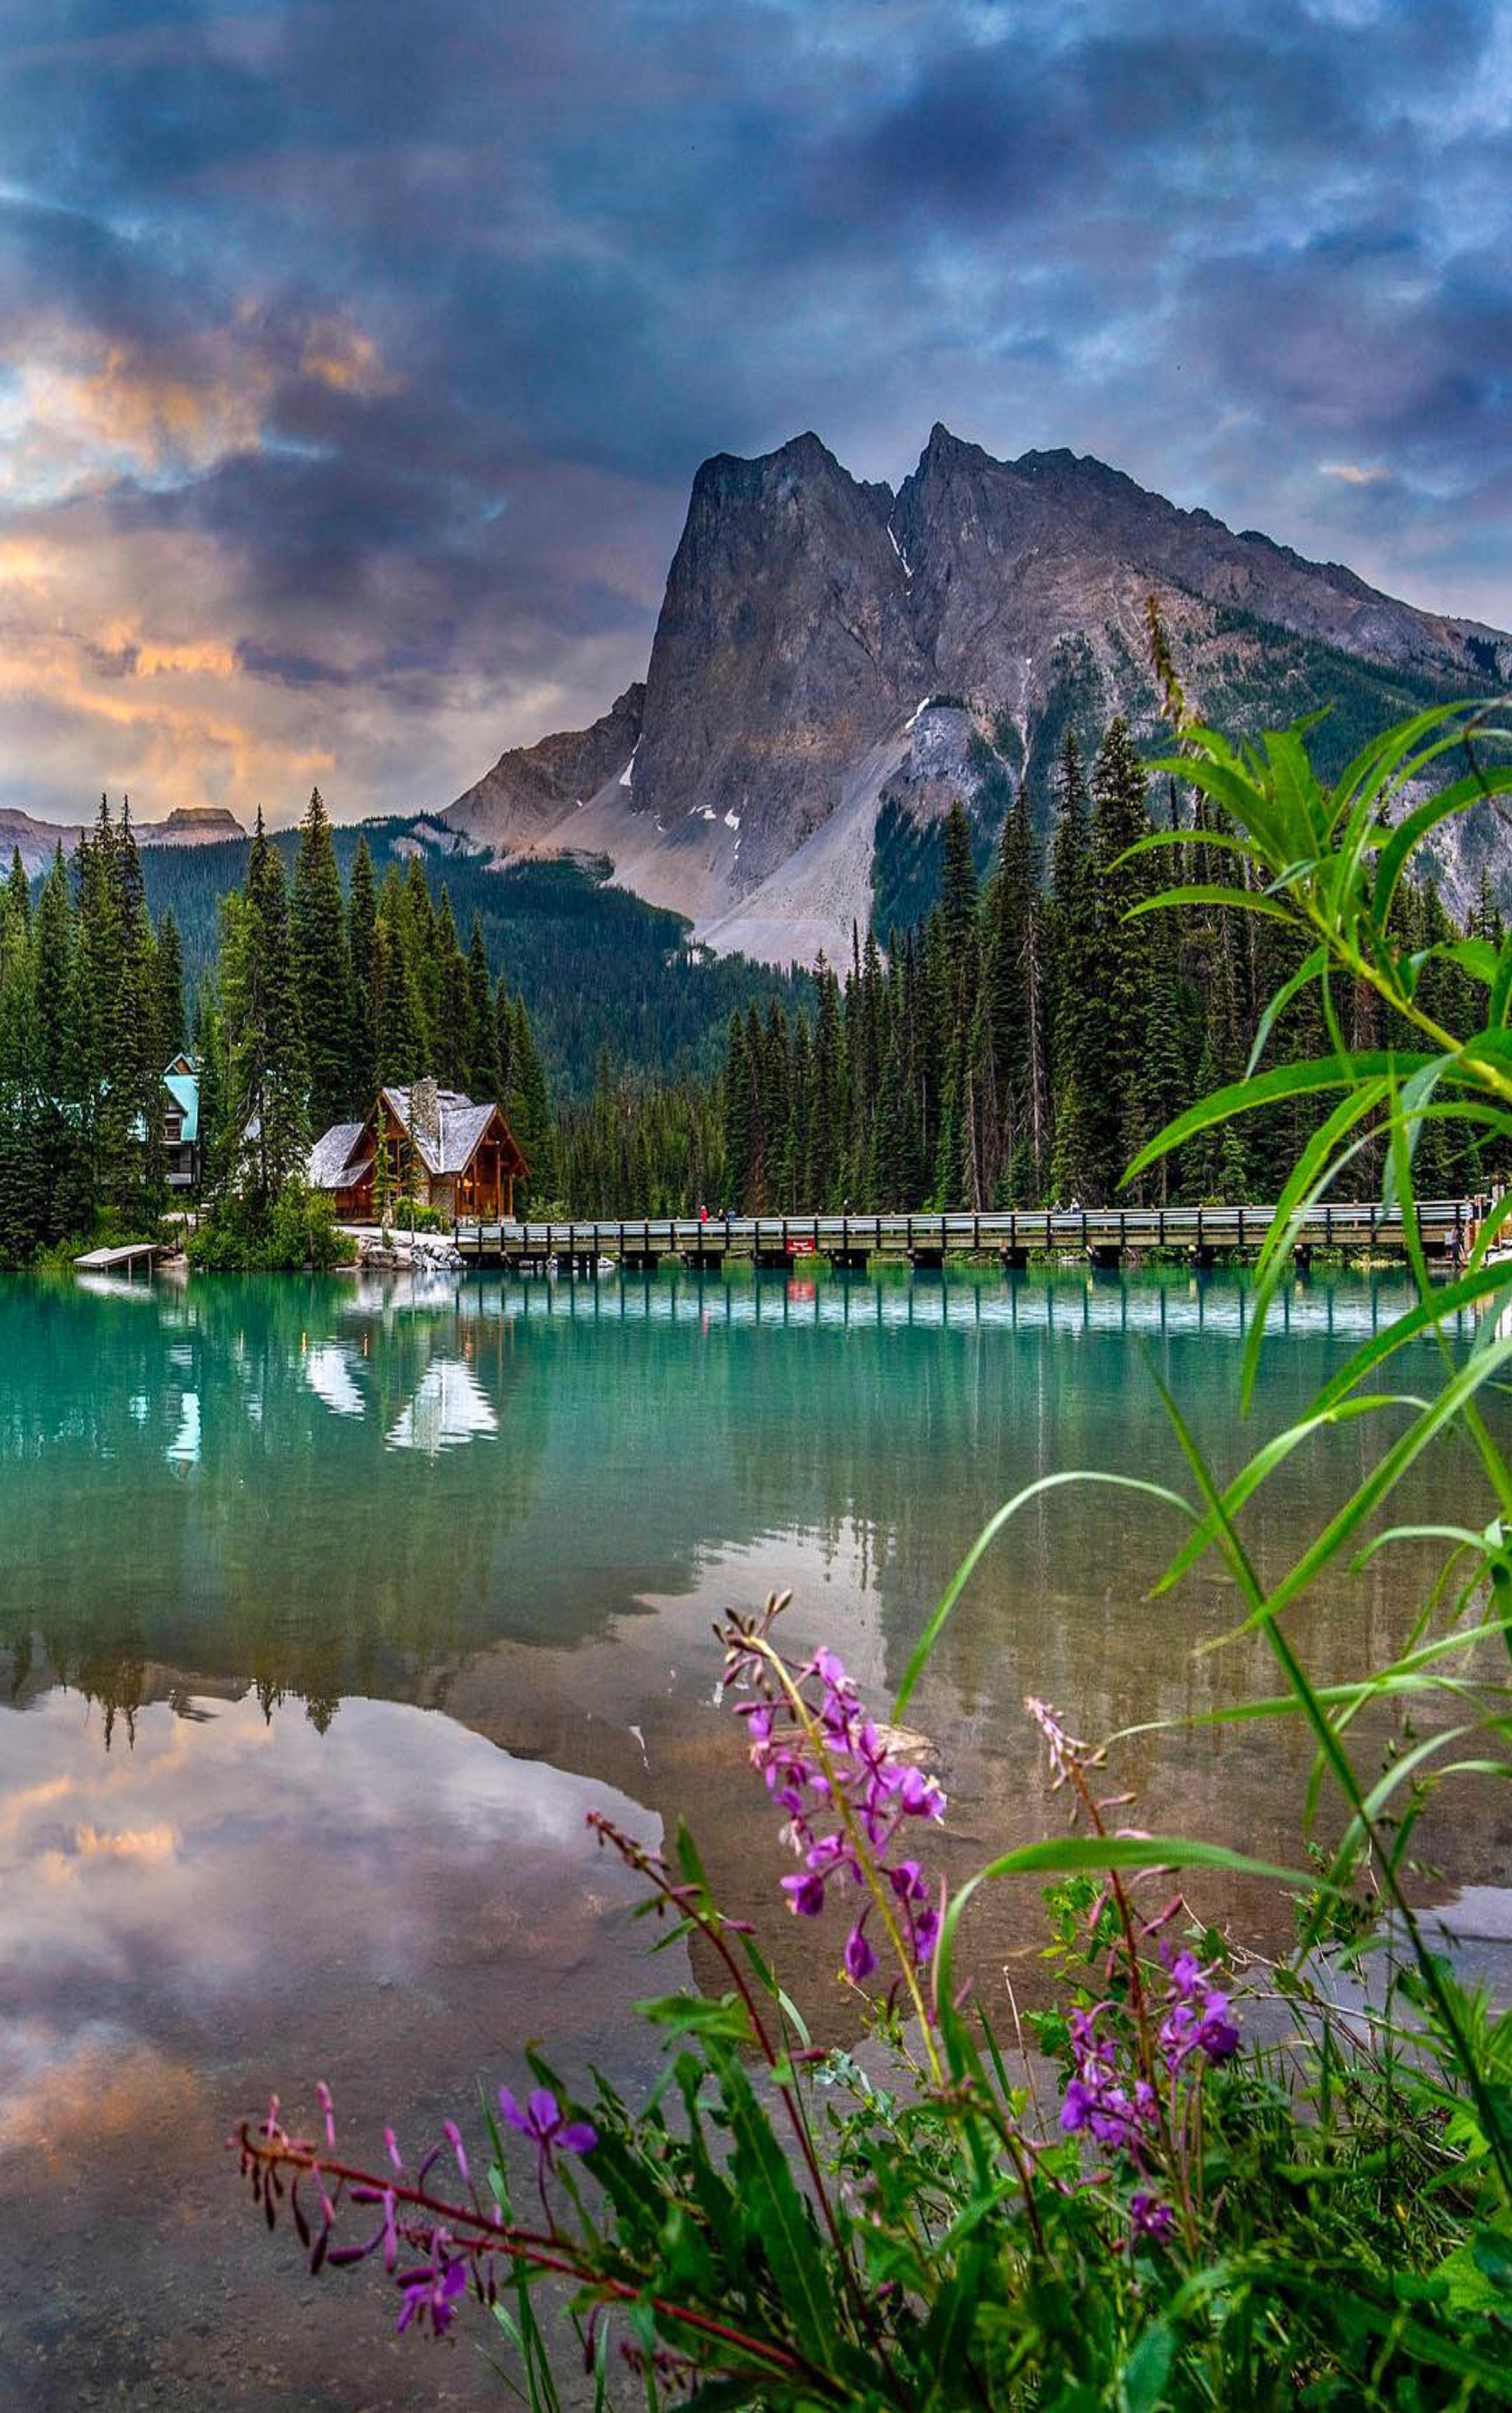 Pin By Ivanka Kostova On Nature Beautiful Images Nature Beautiful Nature Scenery